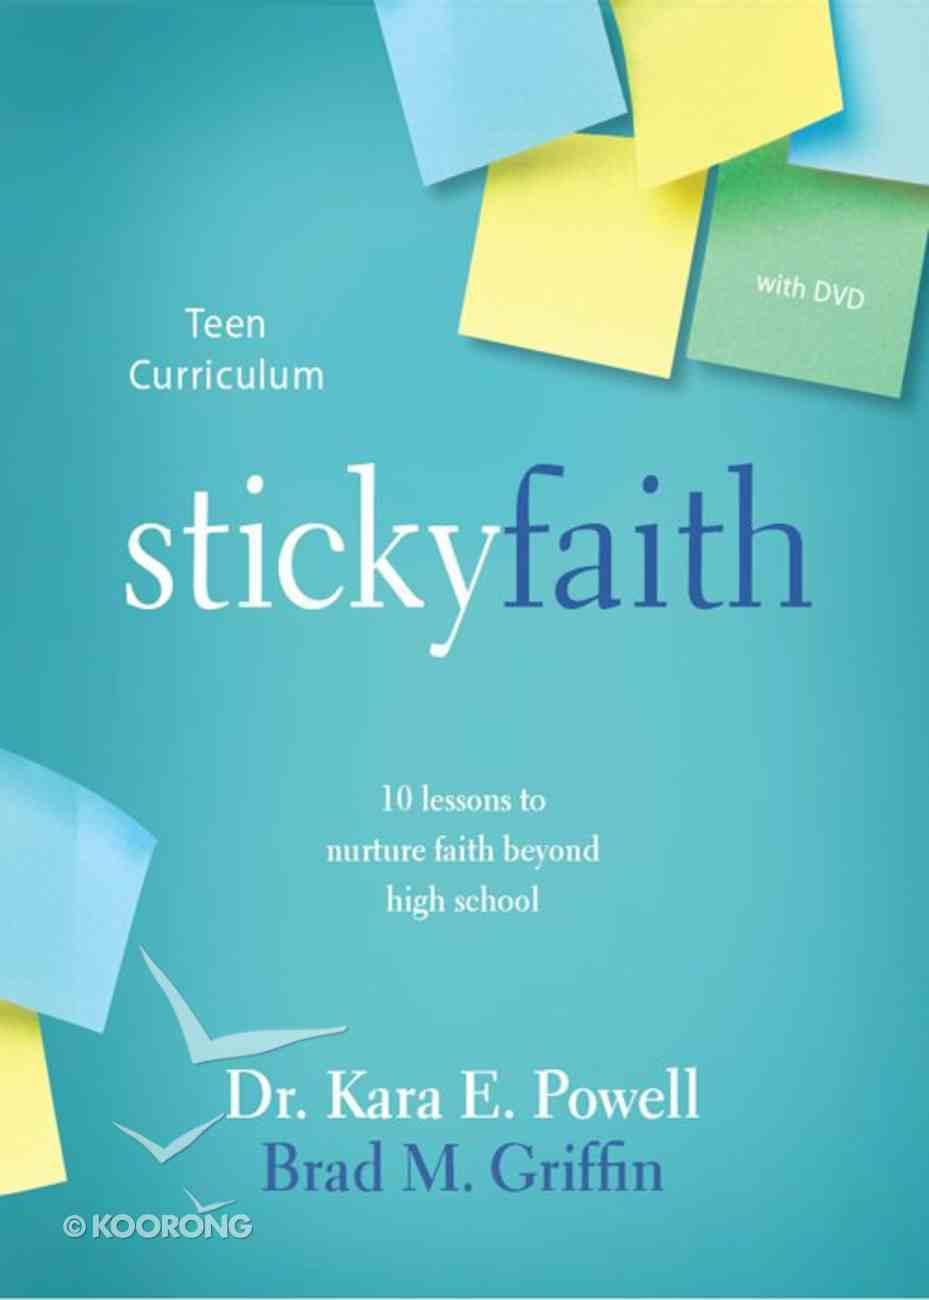 Sticky Faith Teen Curriculum With DVD eBook